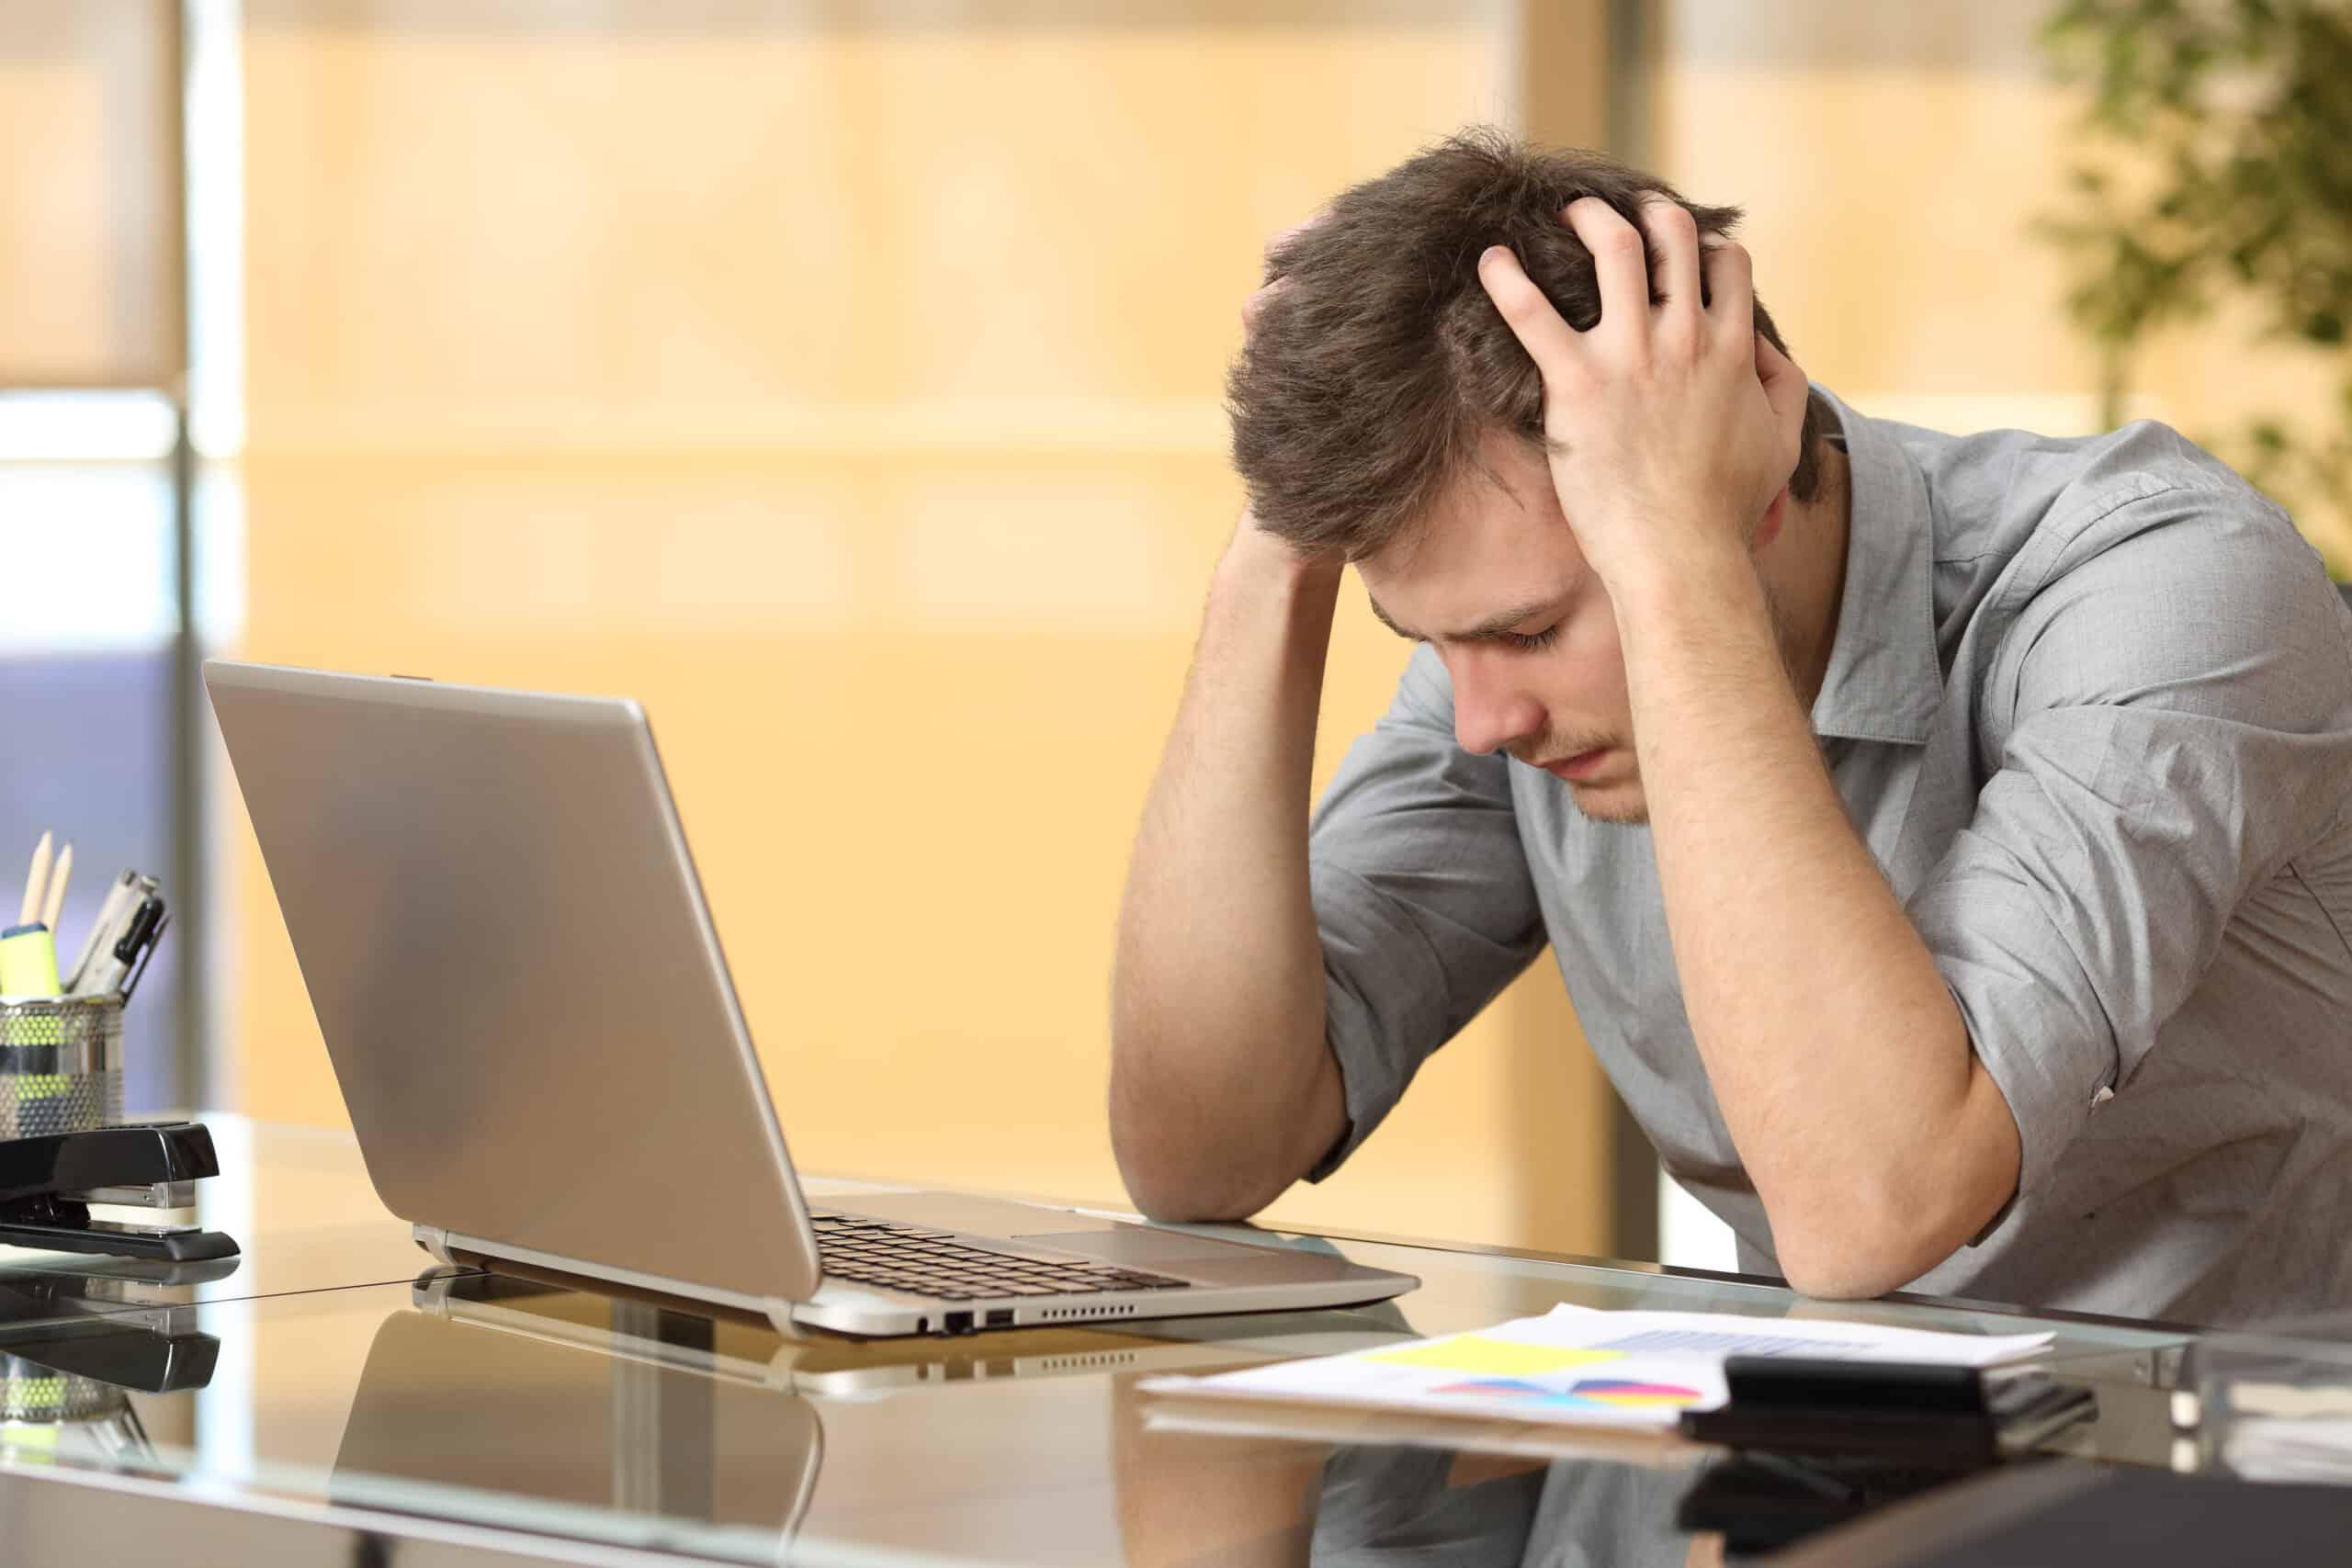 worried man sitting at laptop